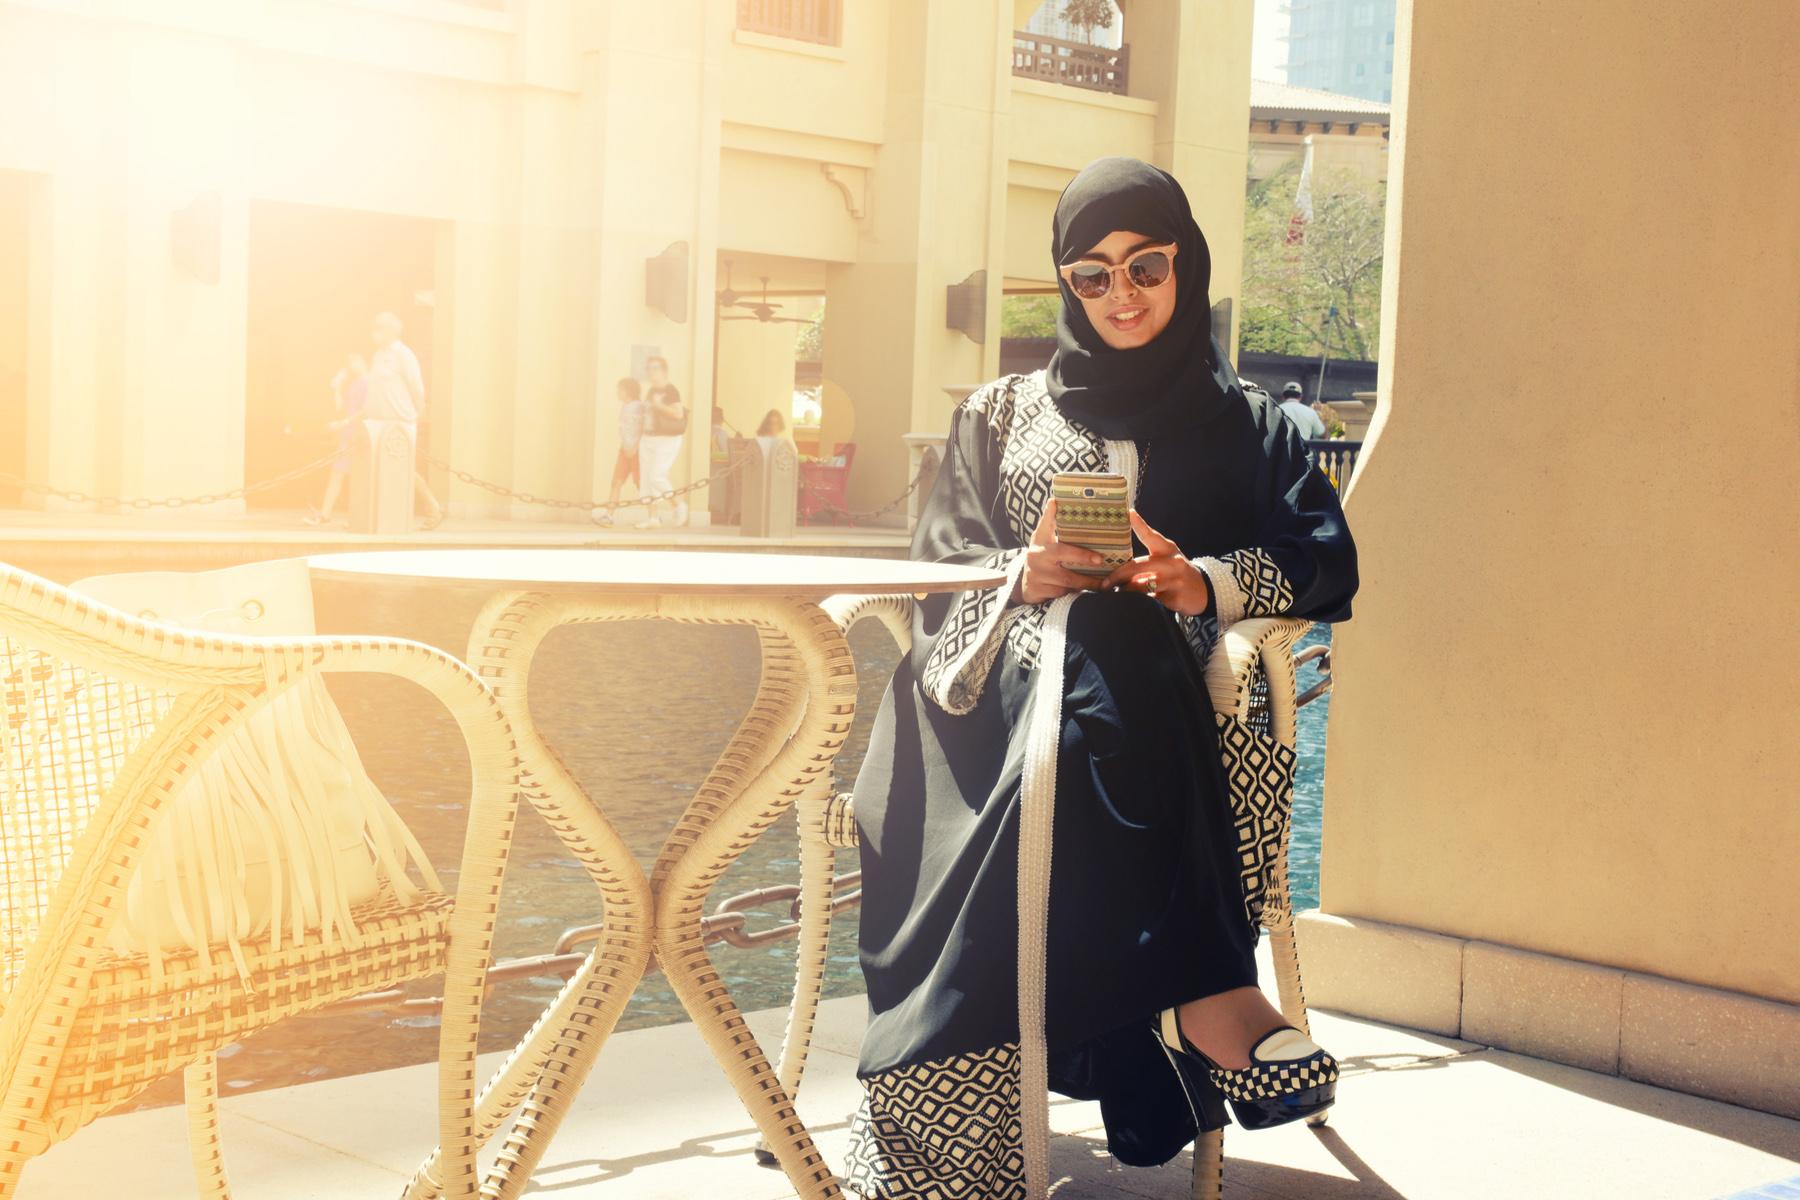 Qatari woman using her mobile phone